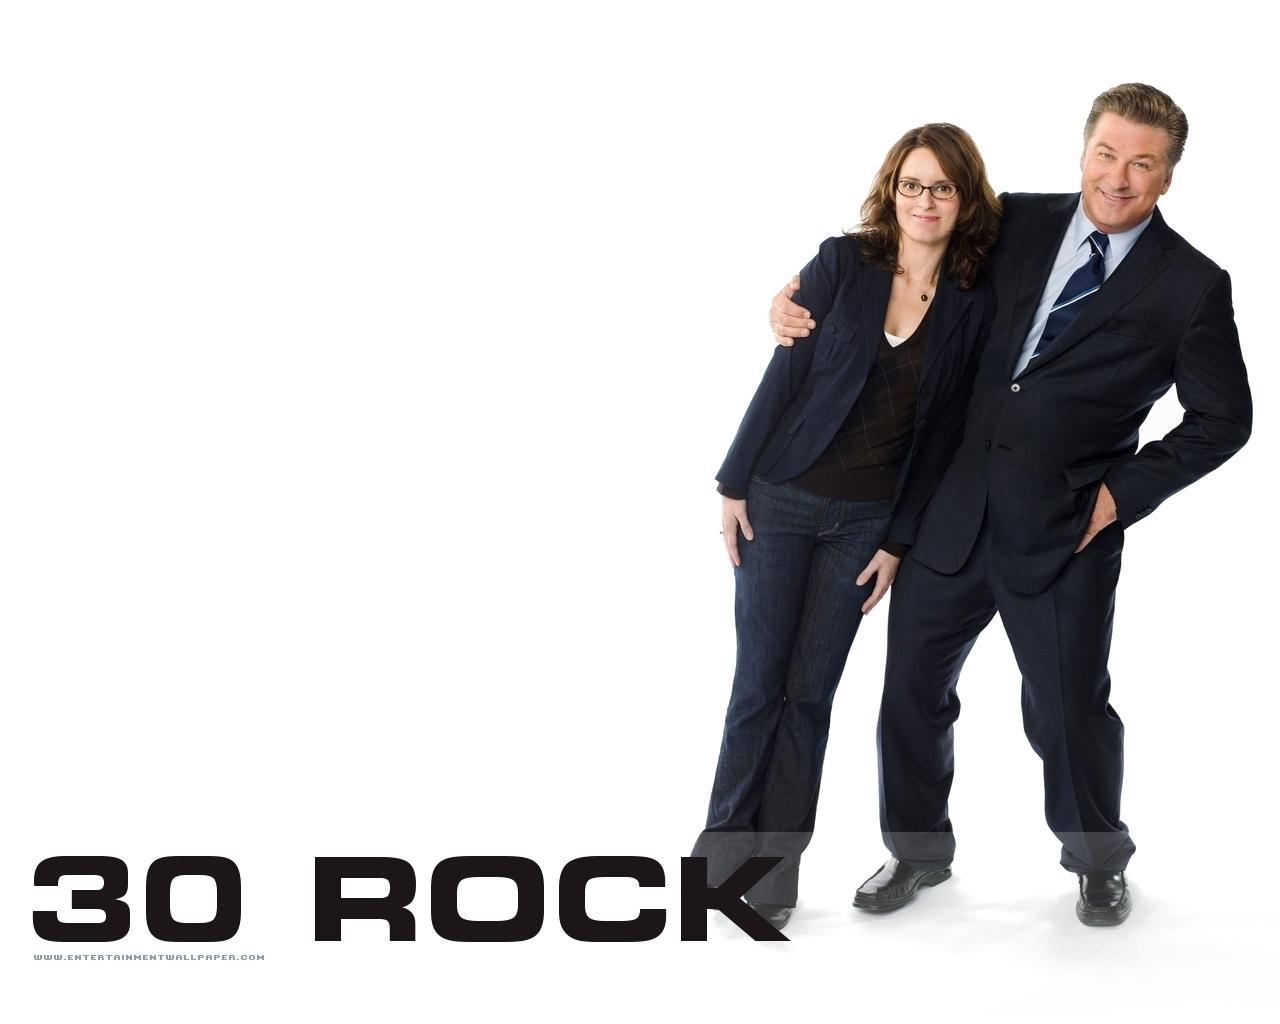 http://3.bp.blogspot.com/_JbmNH6jVfKw/TOQr1ex3jCI/AAAAAAAADLs/N5AgK6IzOjI/s1600/30-Rock-30-rock-1129217_1280_1024.jpg